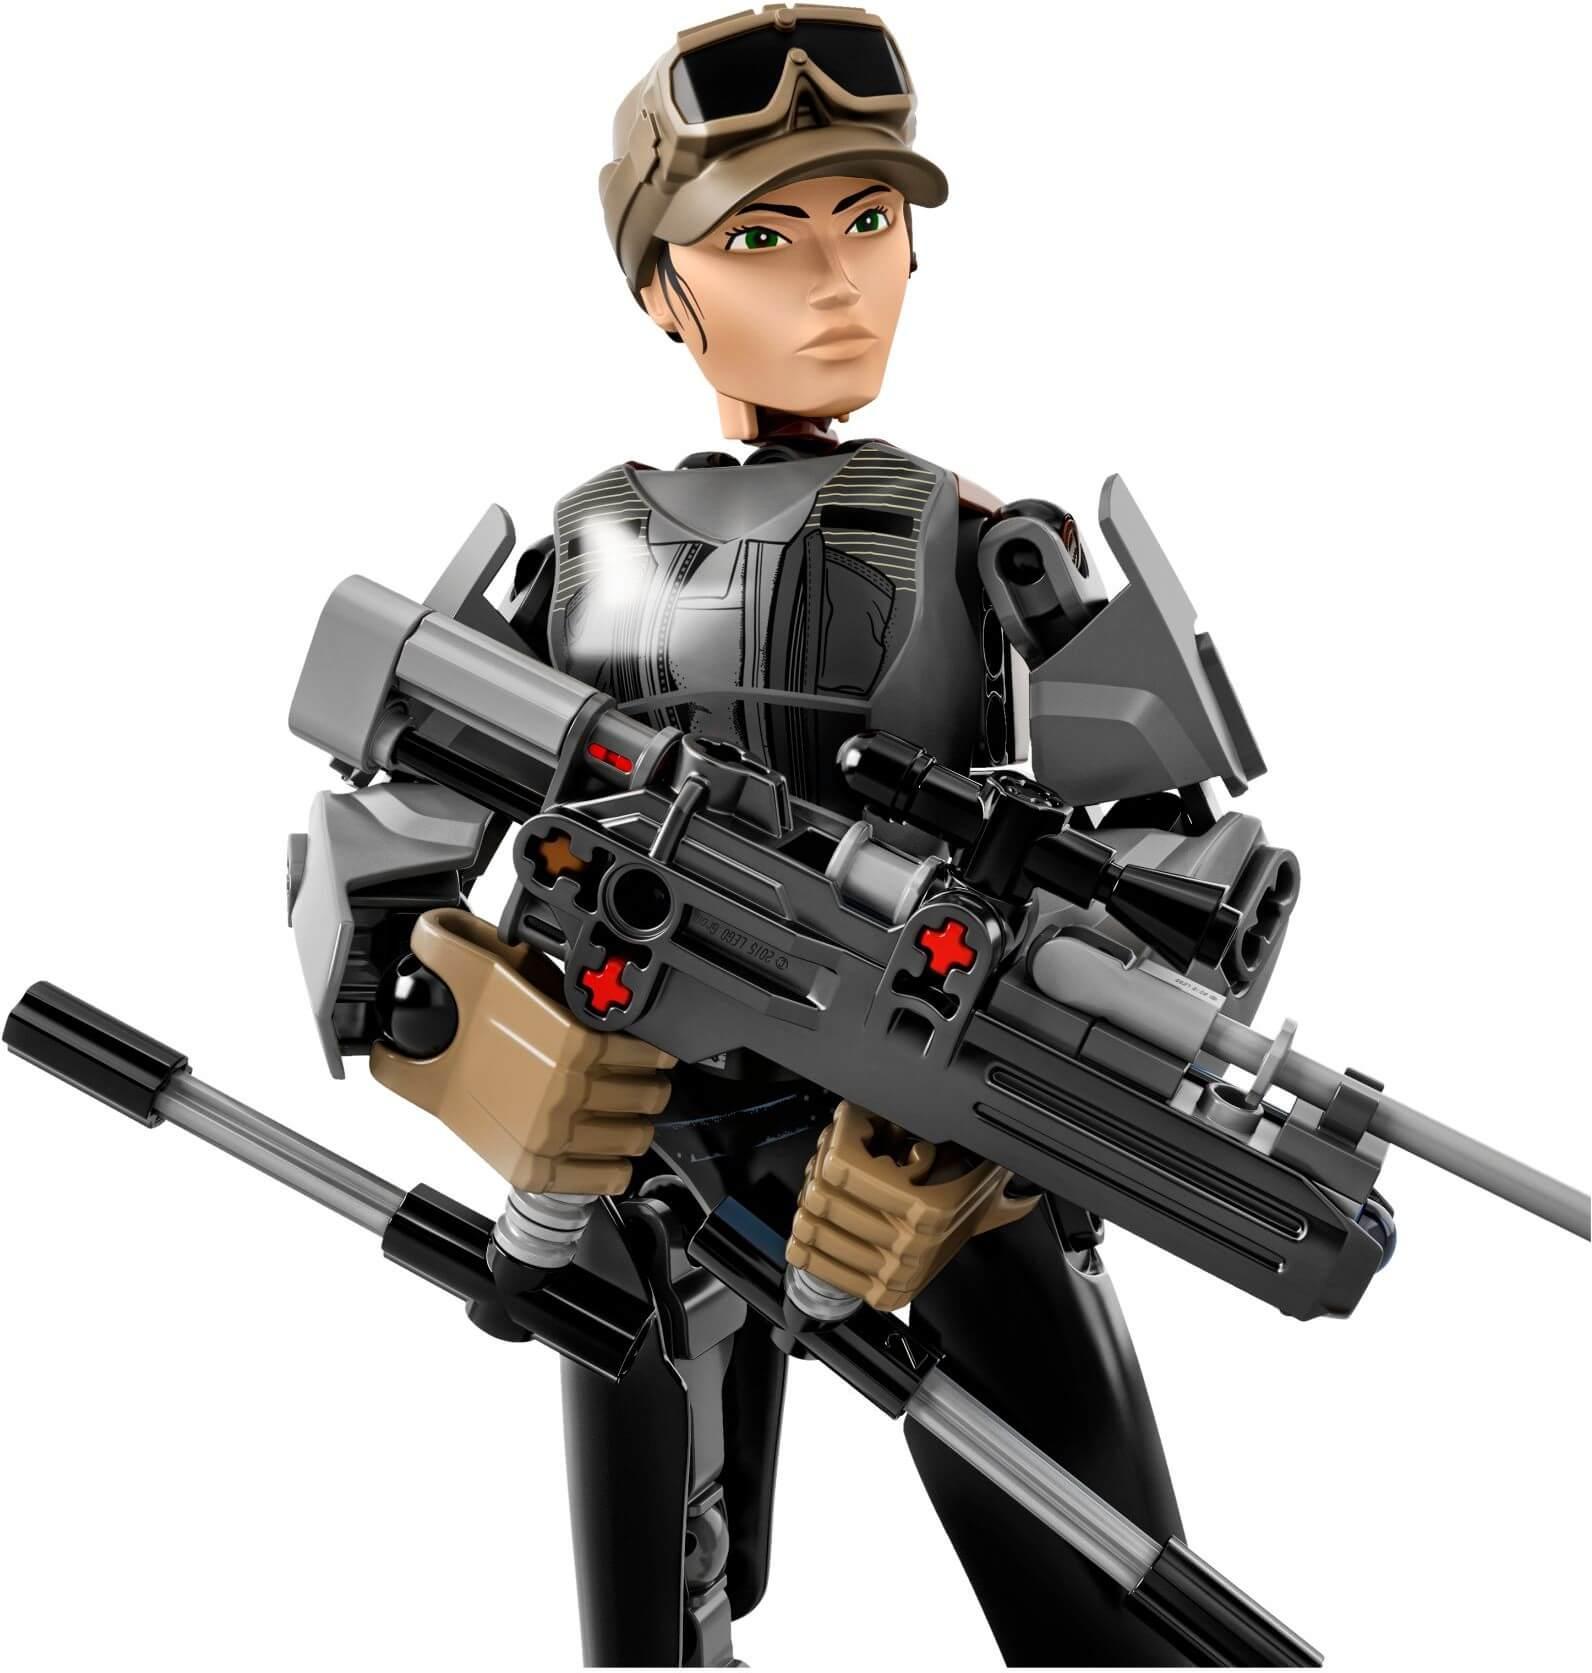 Mua đồ chơi LEGO 75119 - LEGO Star Wars 75119 - Sergeant Jyn Erso